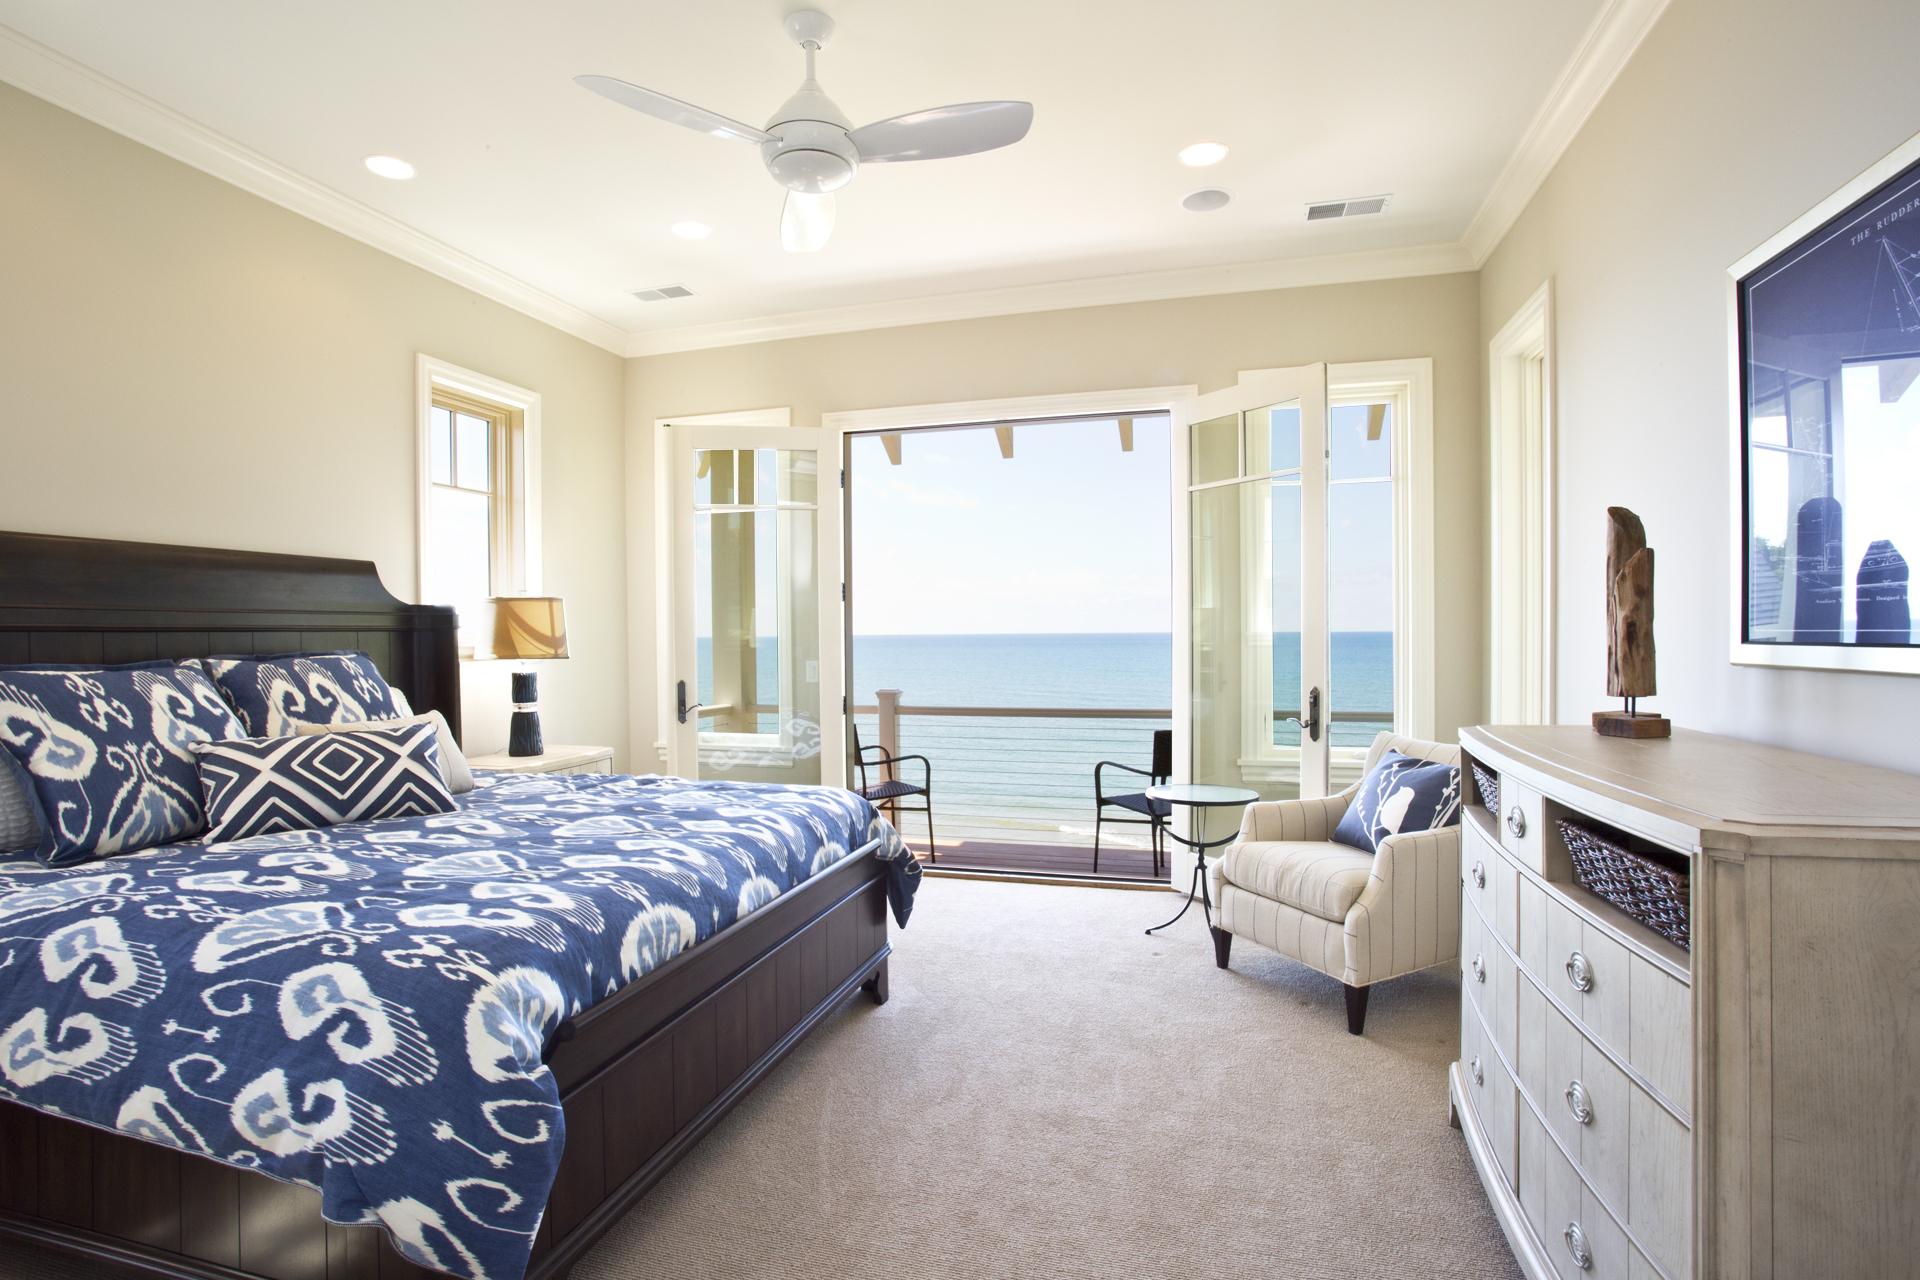 Master Bedroom_C93A4801-1.jpg